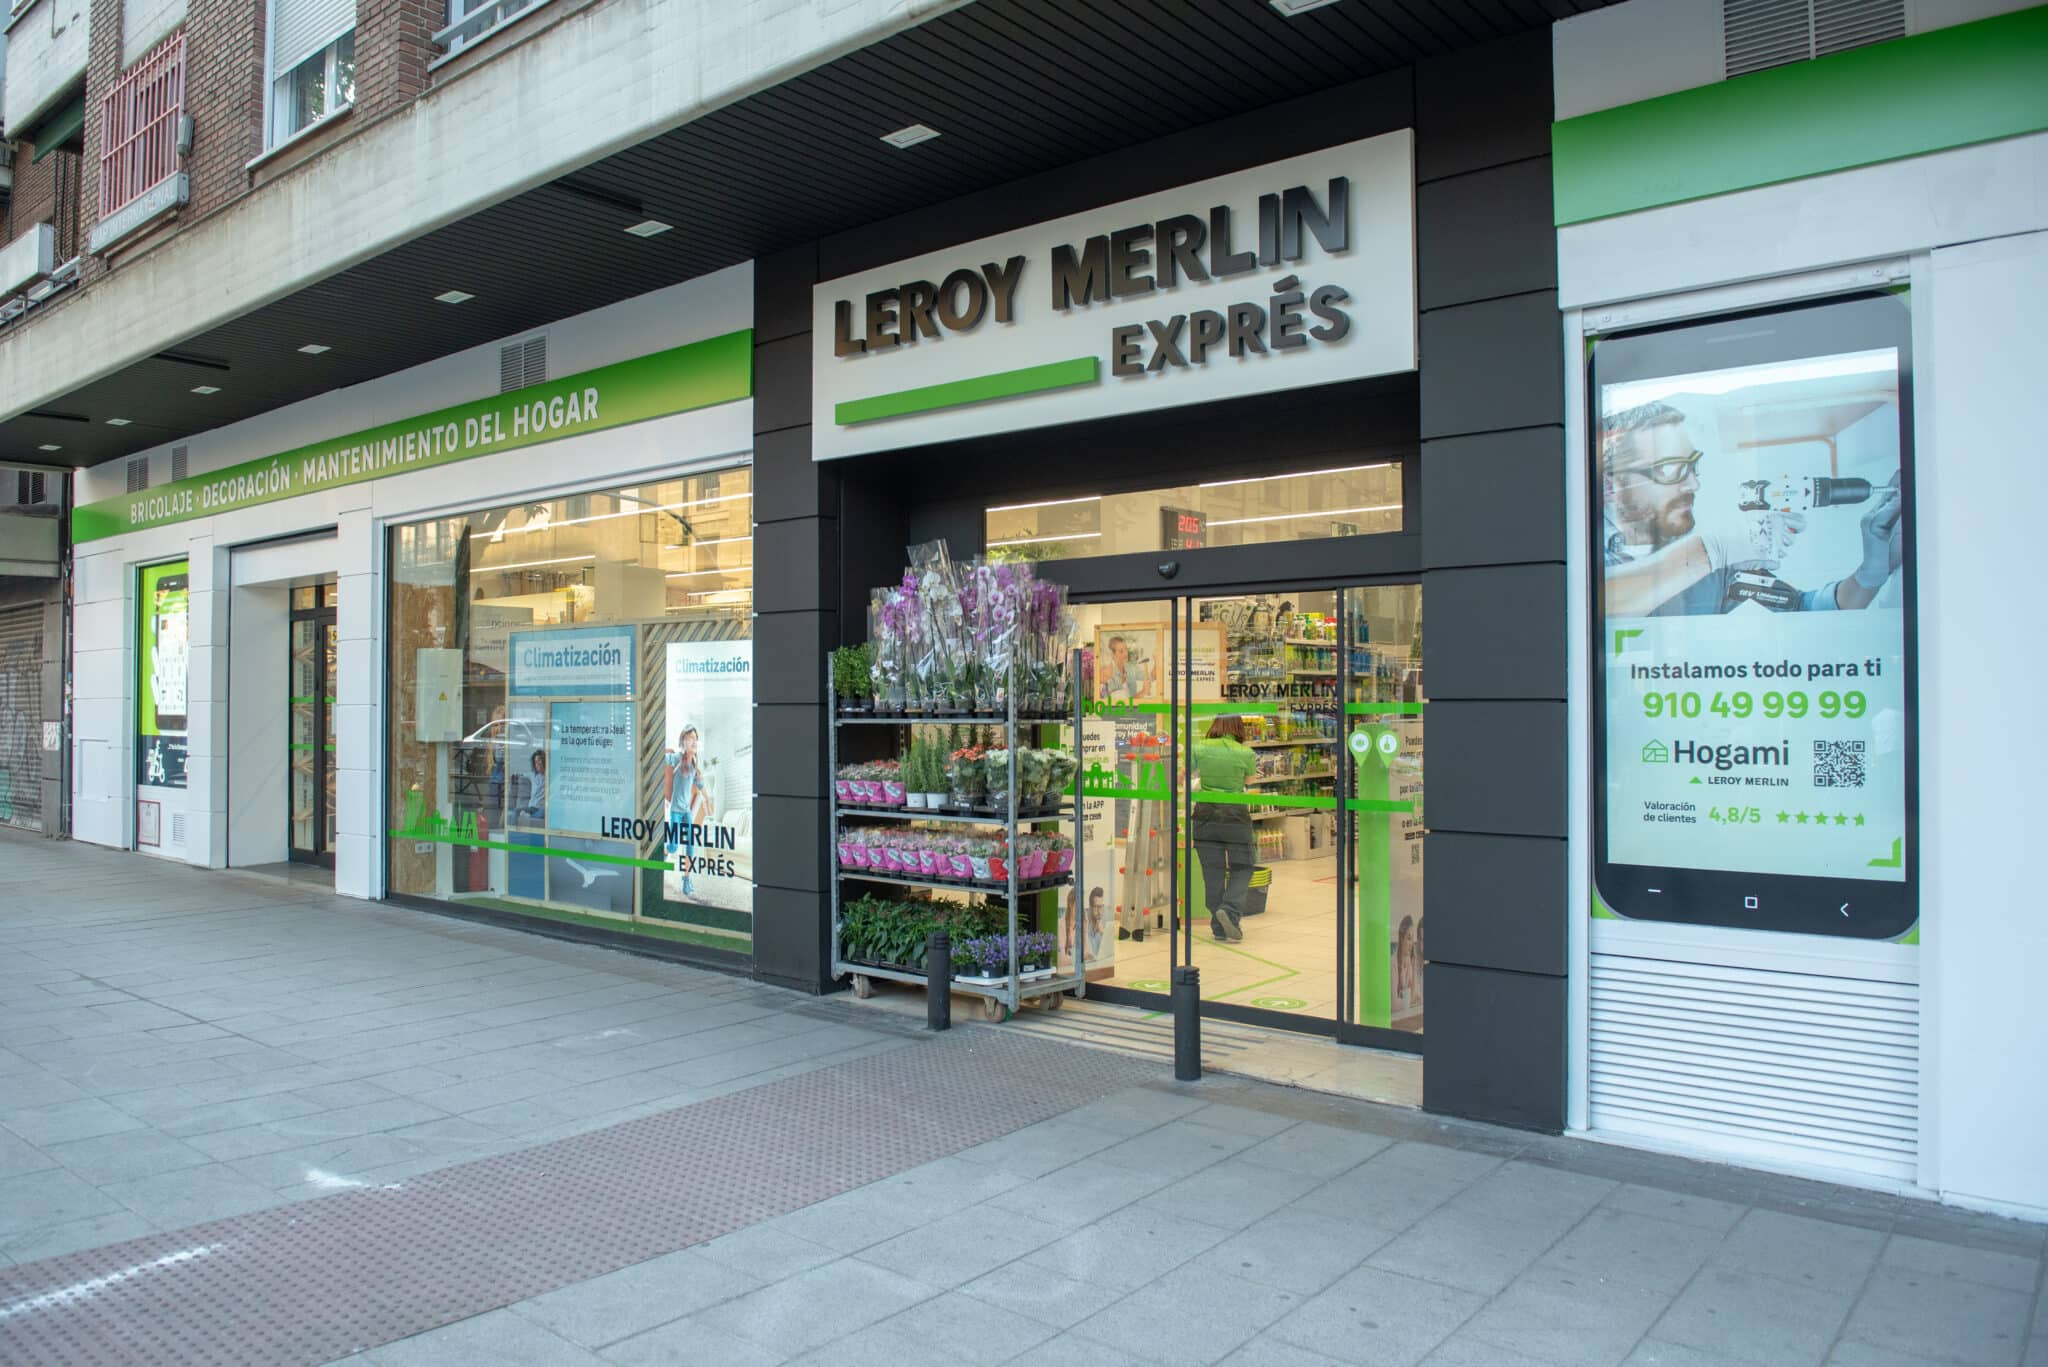 Leroy Merlin Exprés abre en el centro de Madrid